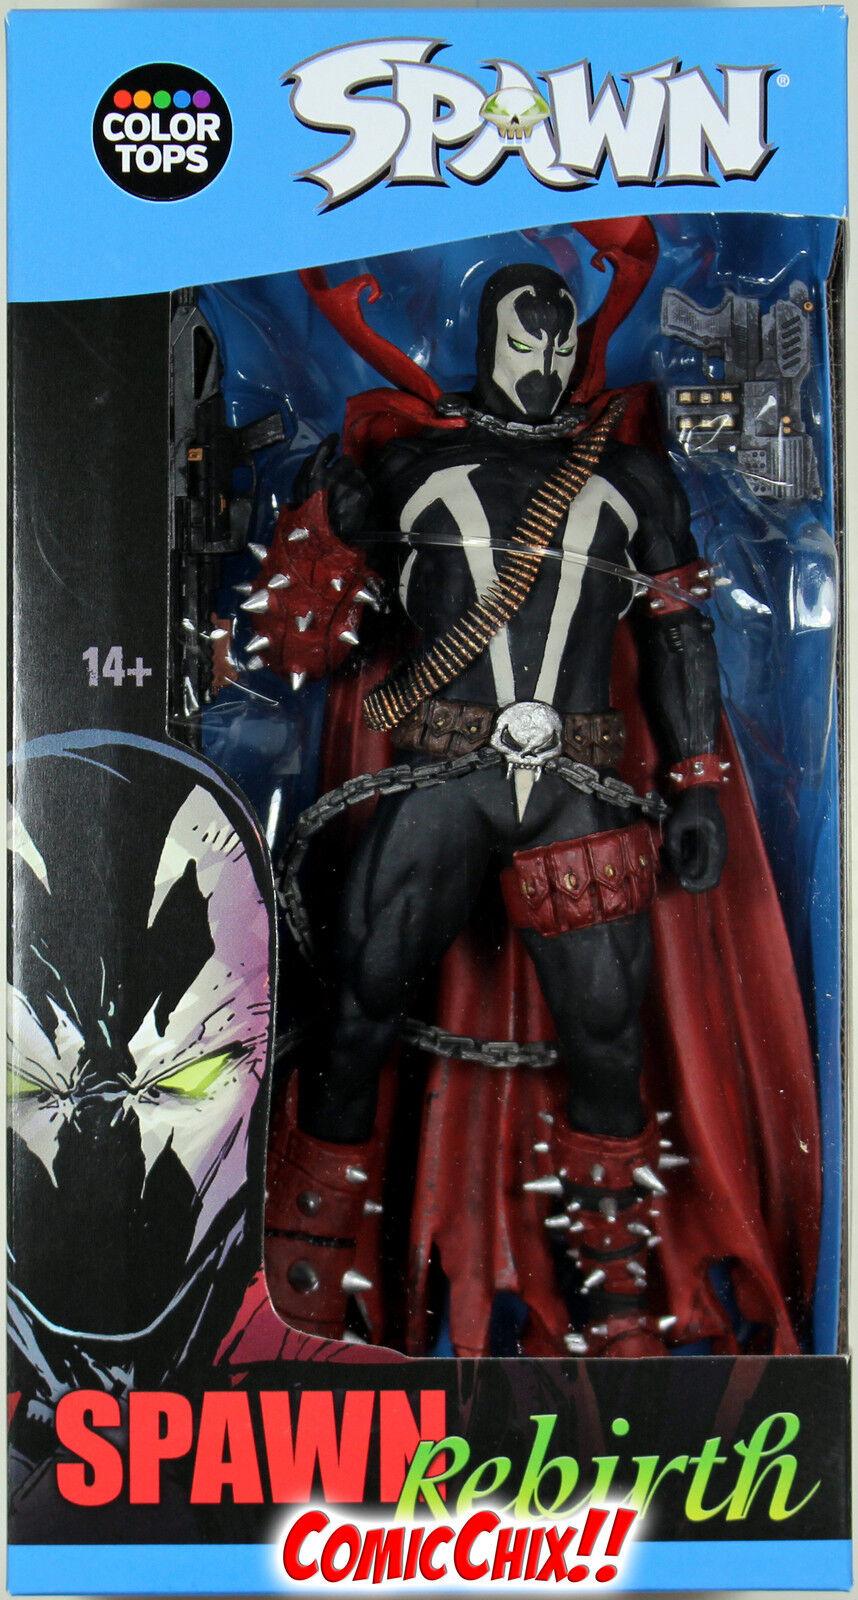 McFarlane Toys couleur Tops  masqué Spawn Action Figure  Renaissance